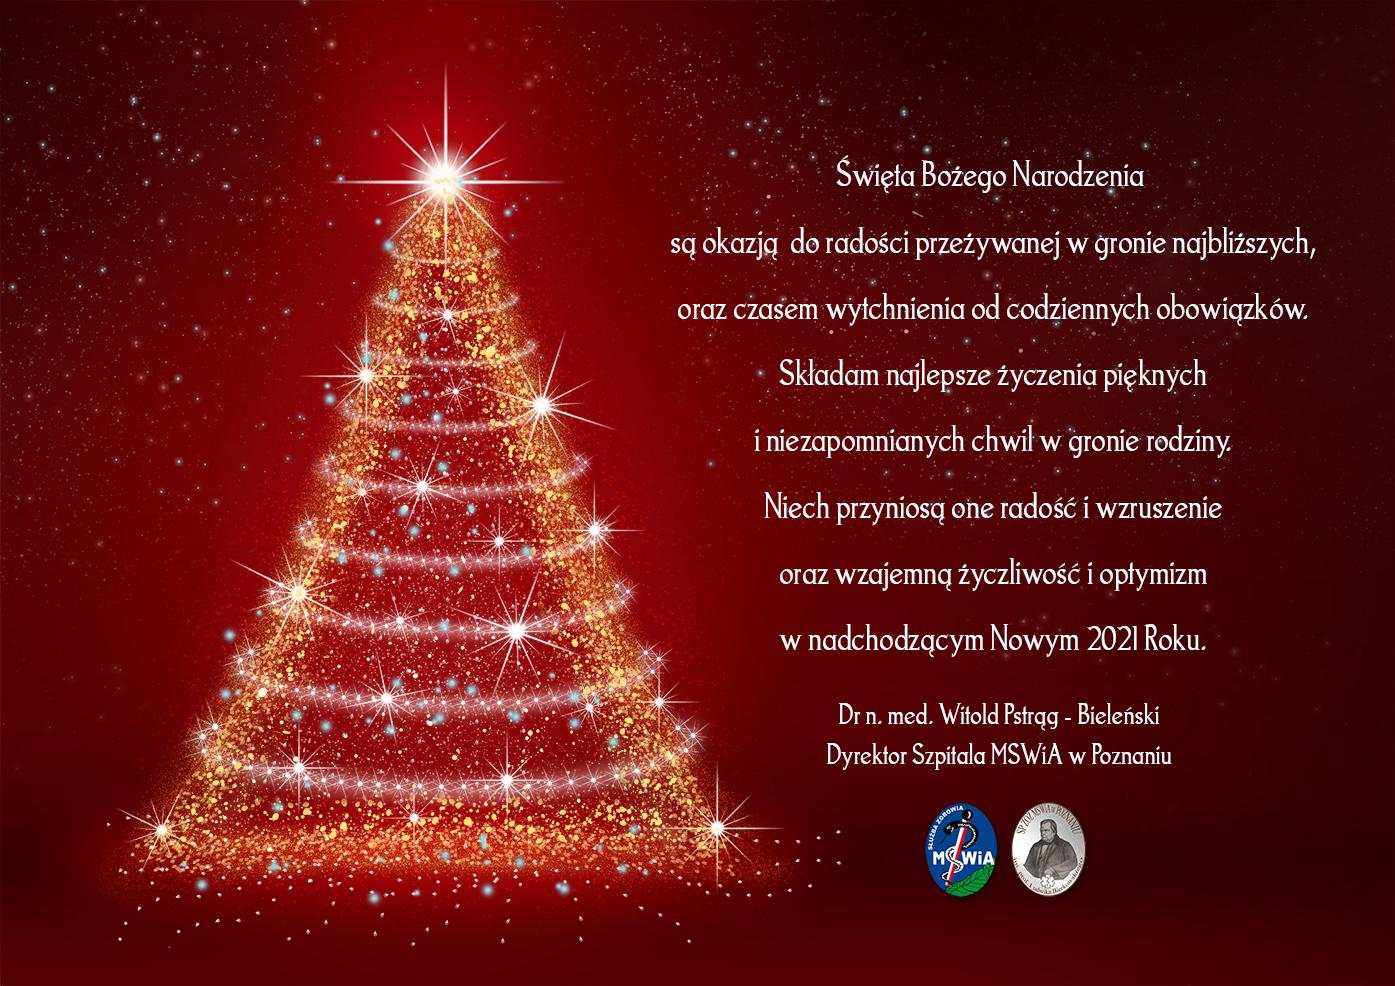 SP ZOZ Życzenia z okazji świąt Bożego Narodzenia 2020